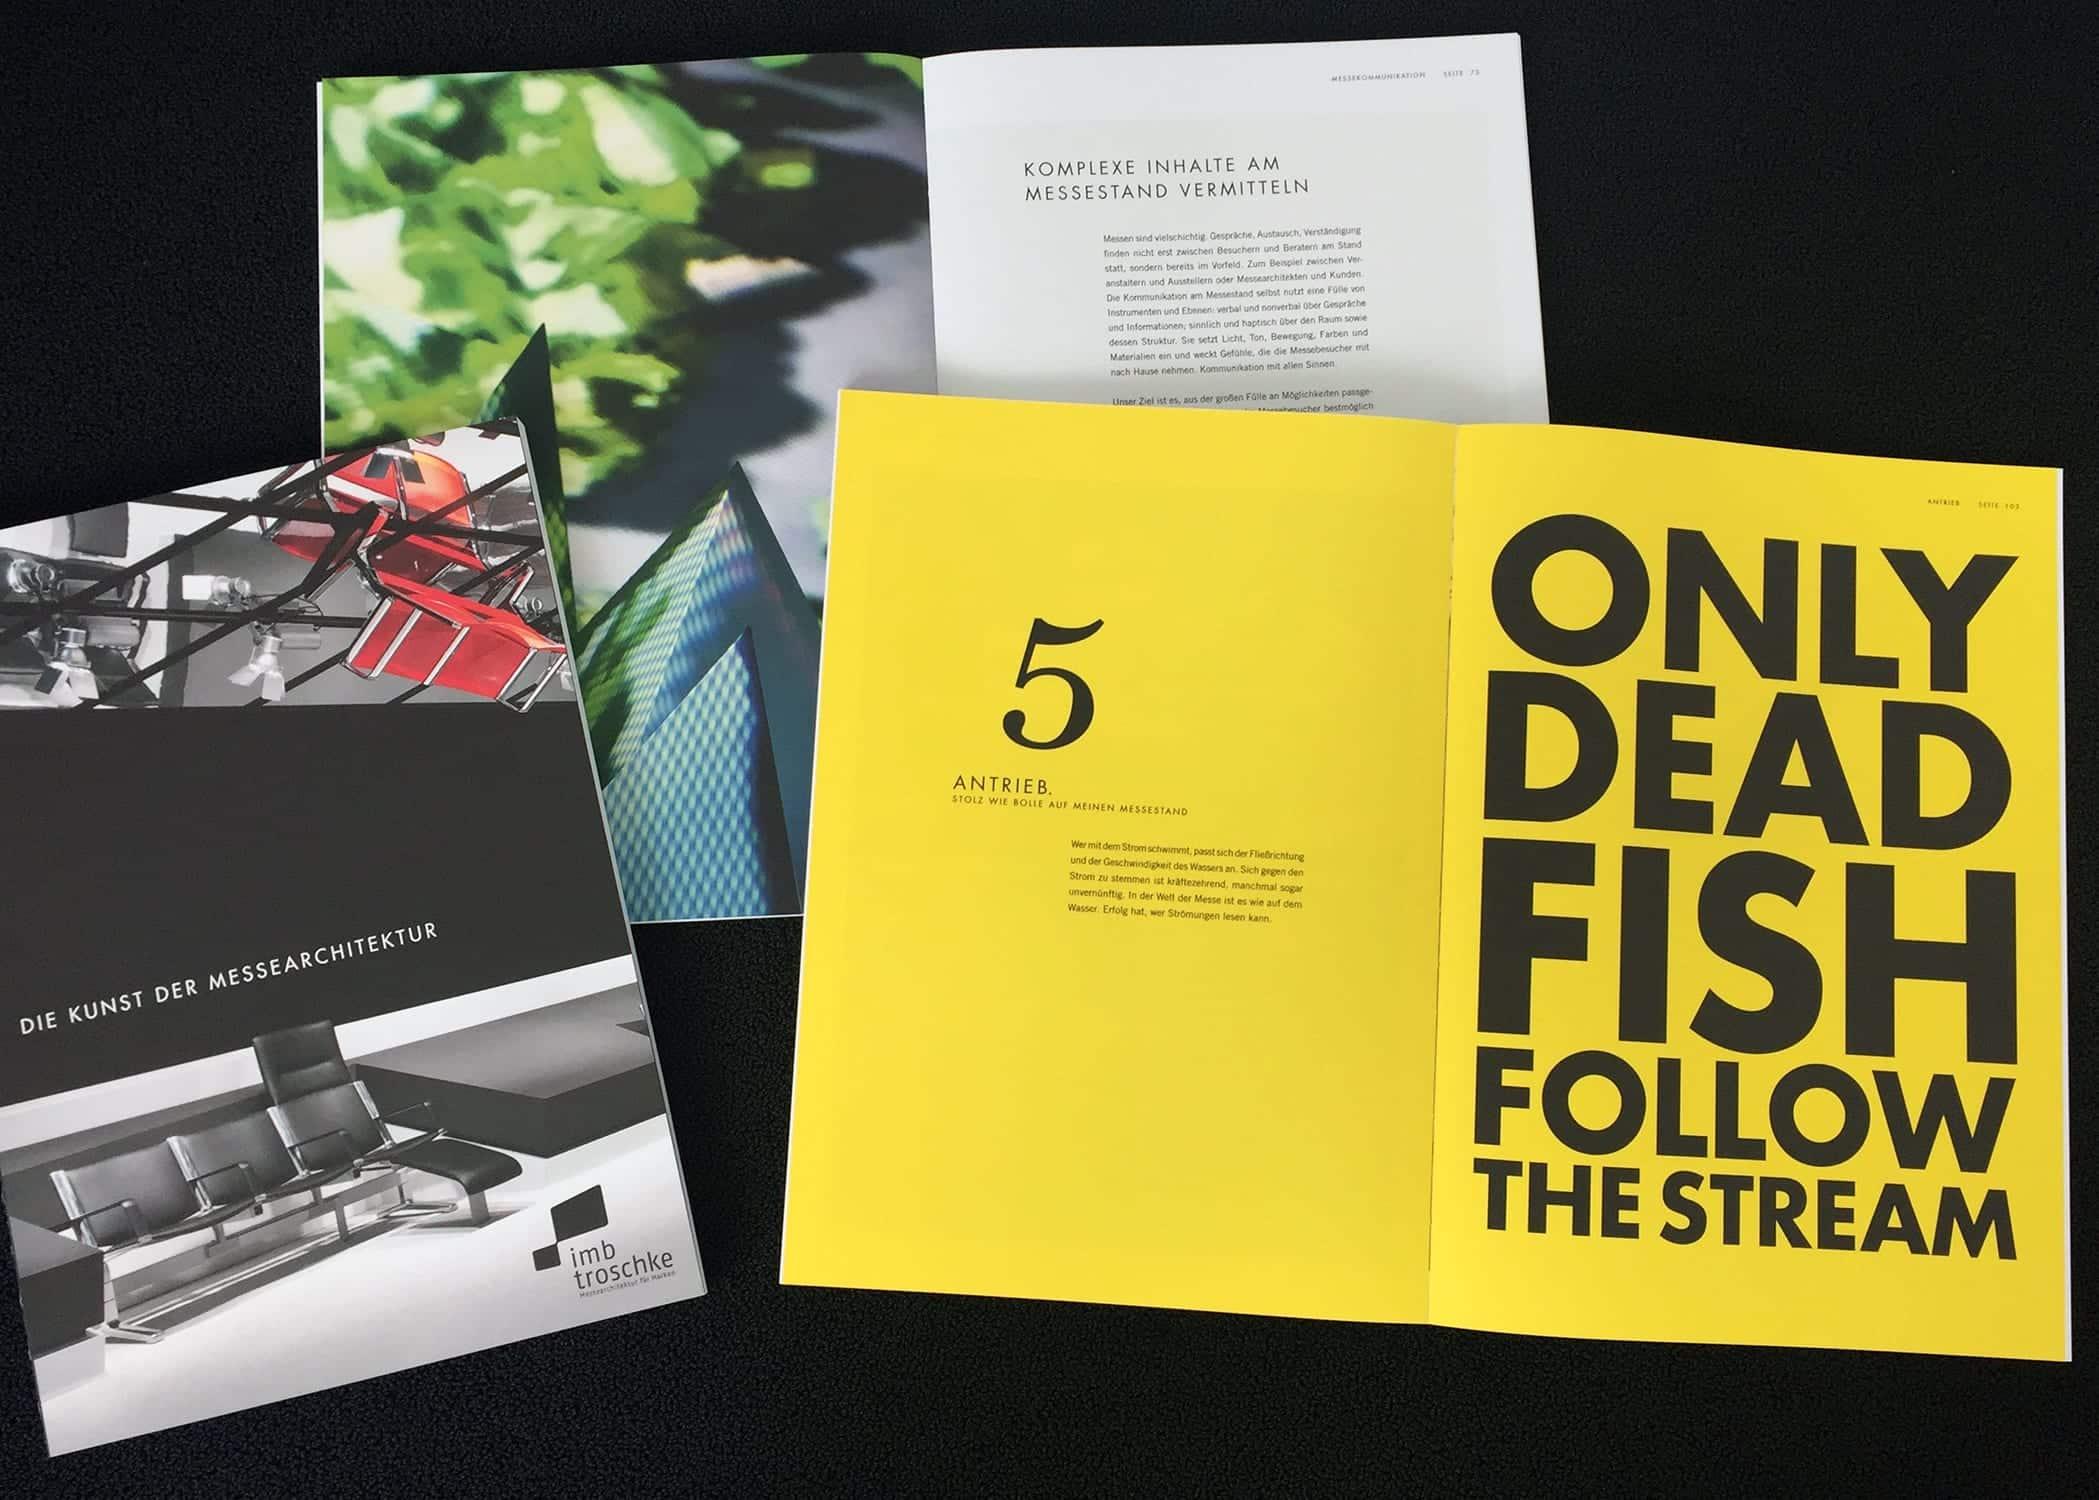 Unser Jahrbuch 2018: Die Kunst der Messearchitektur